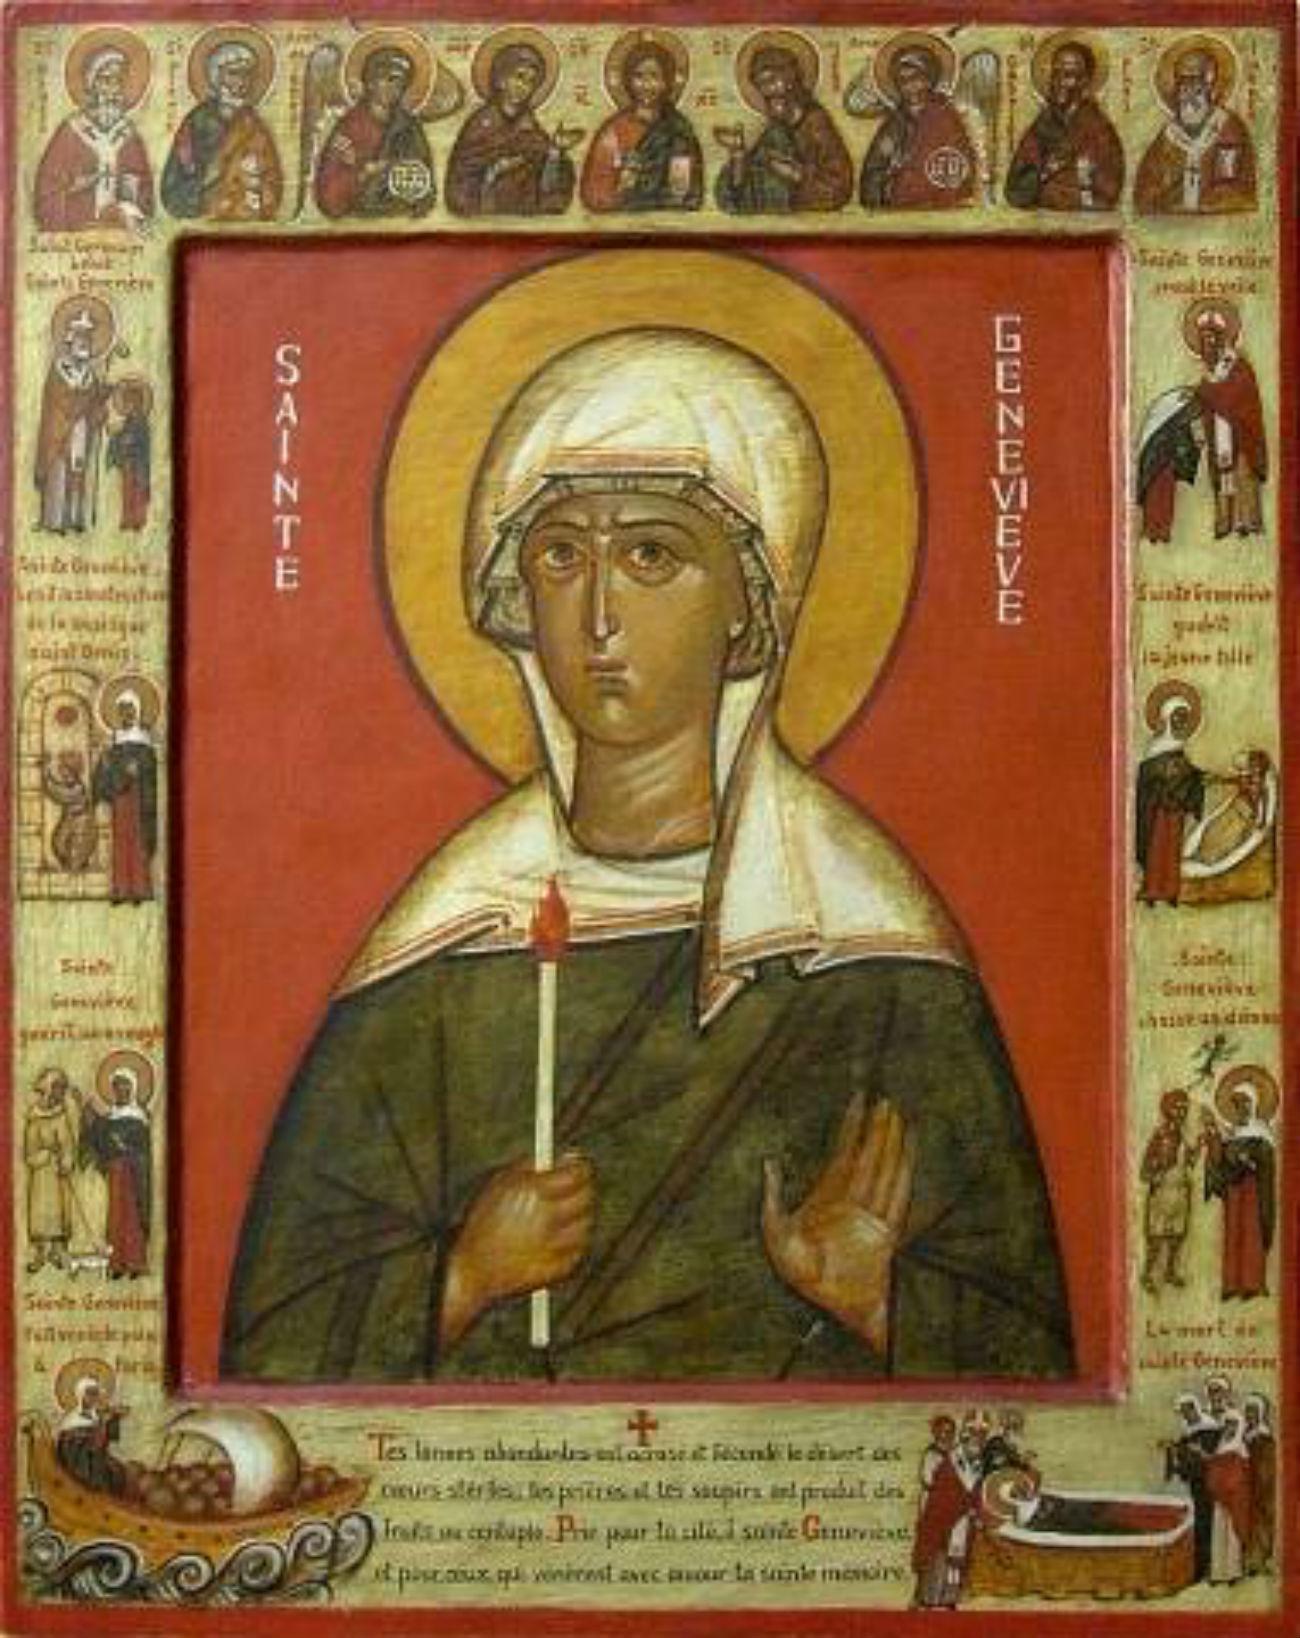 Geneviève. Icône orthodoxe. Crédit: Image libre de droit